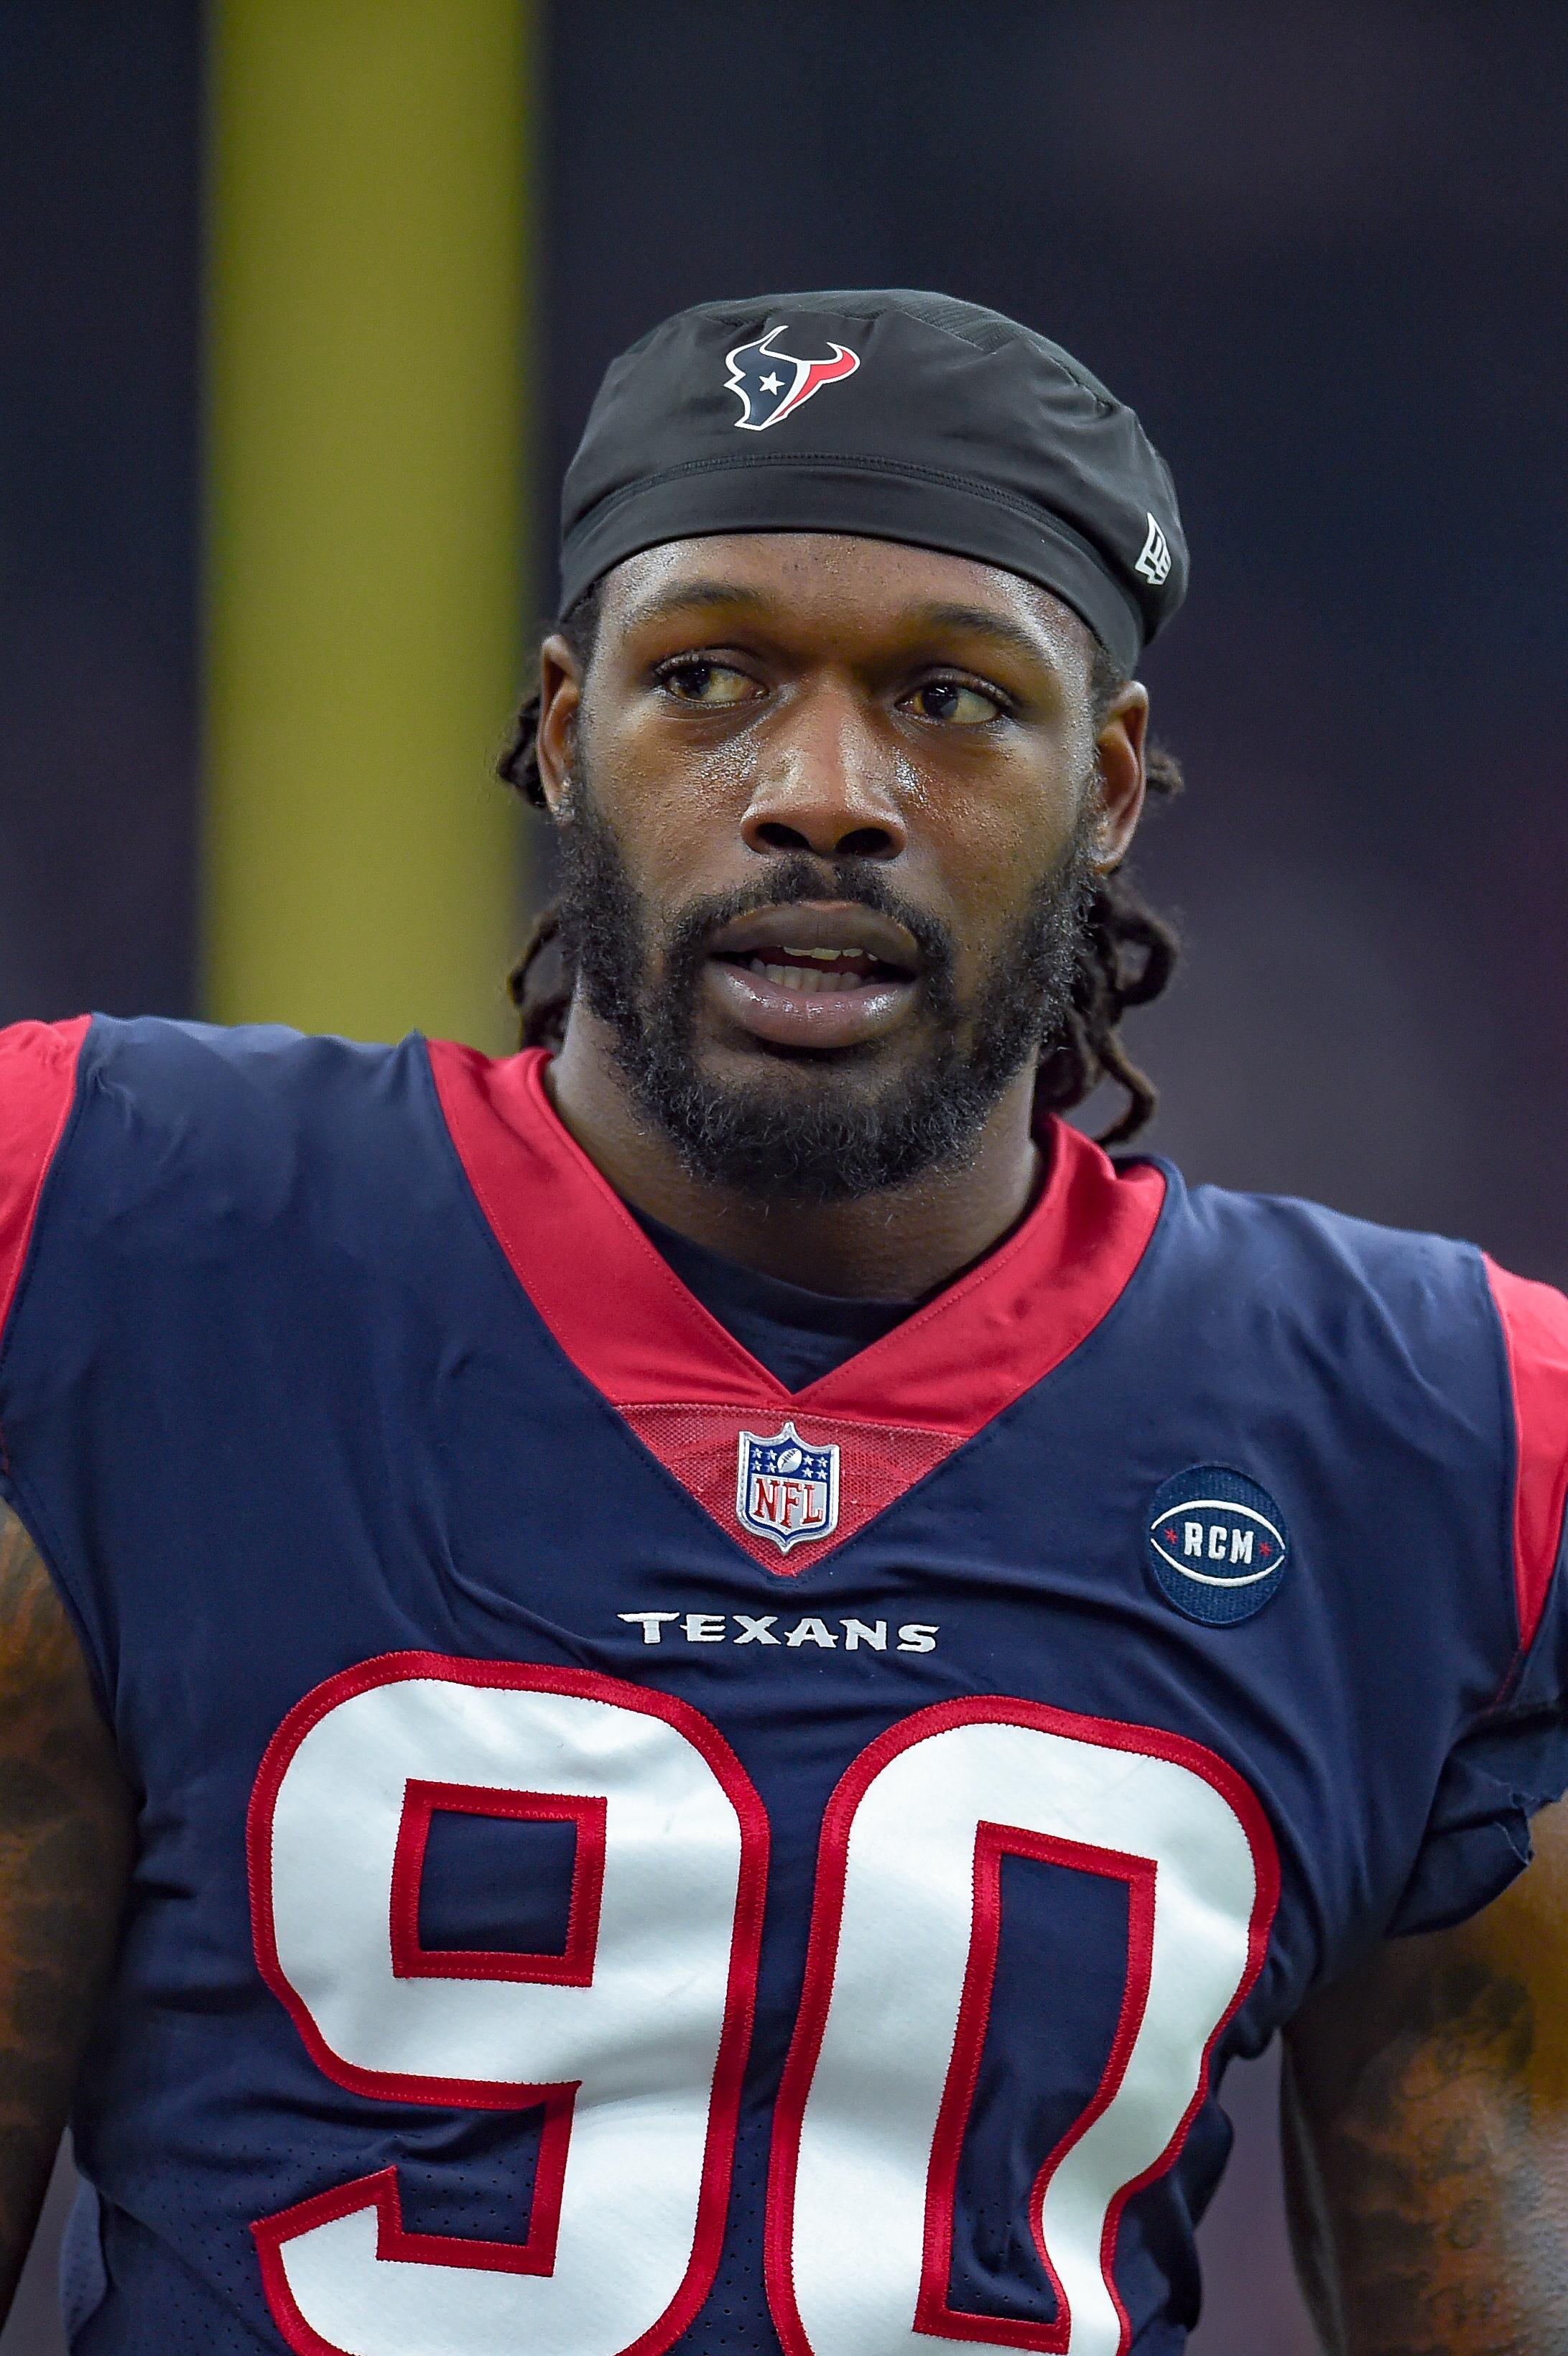 NFL: DEC 30 Jaguars at Texans